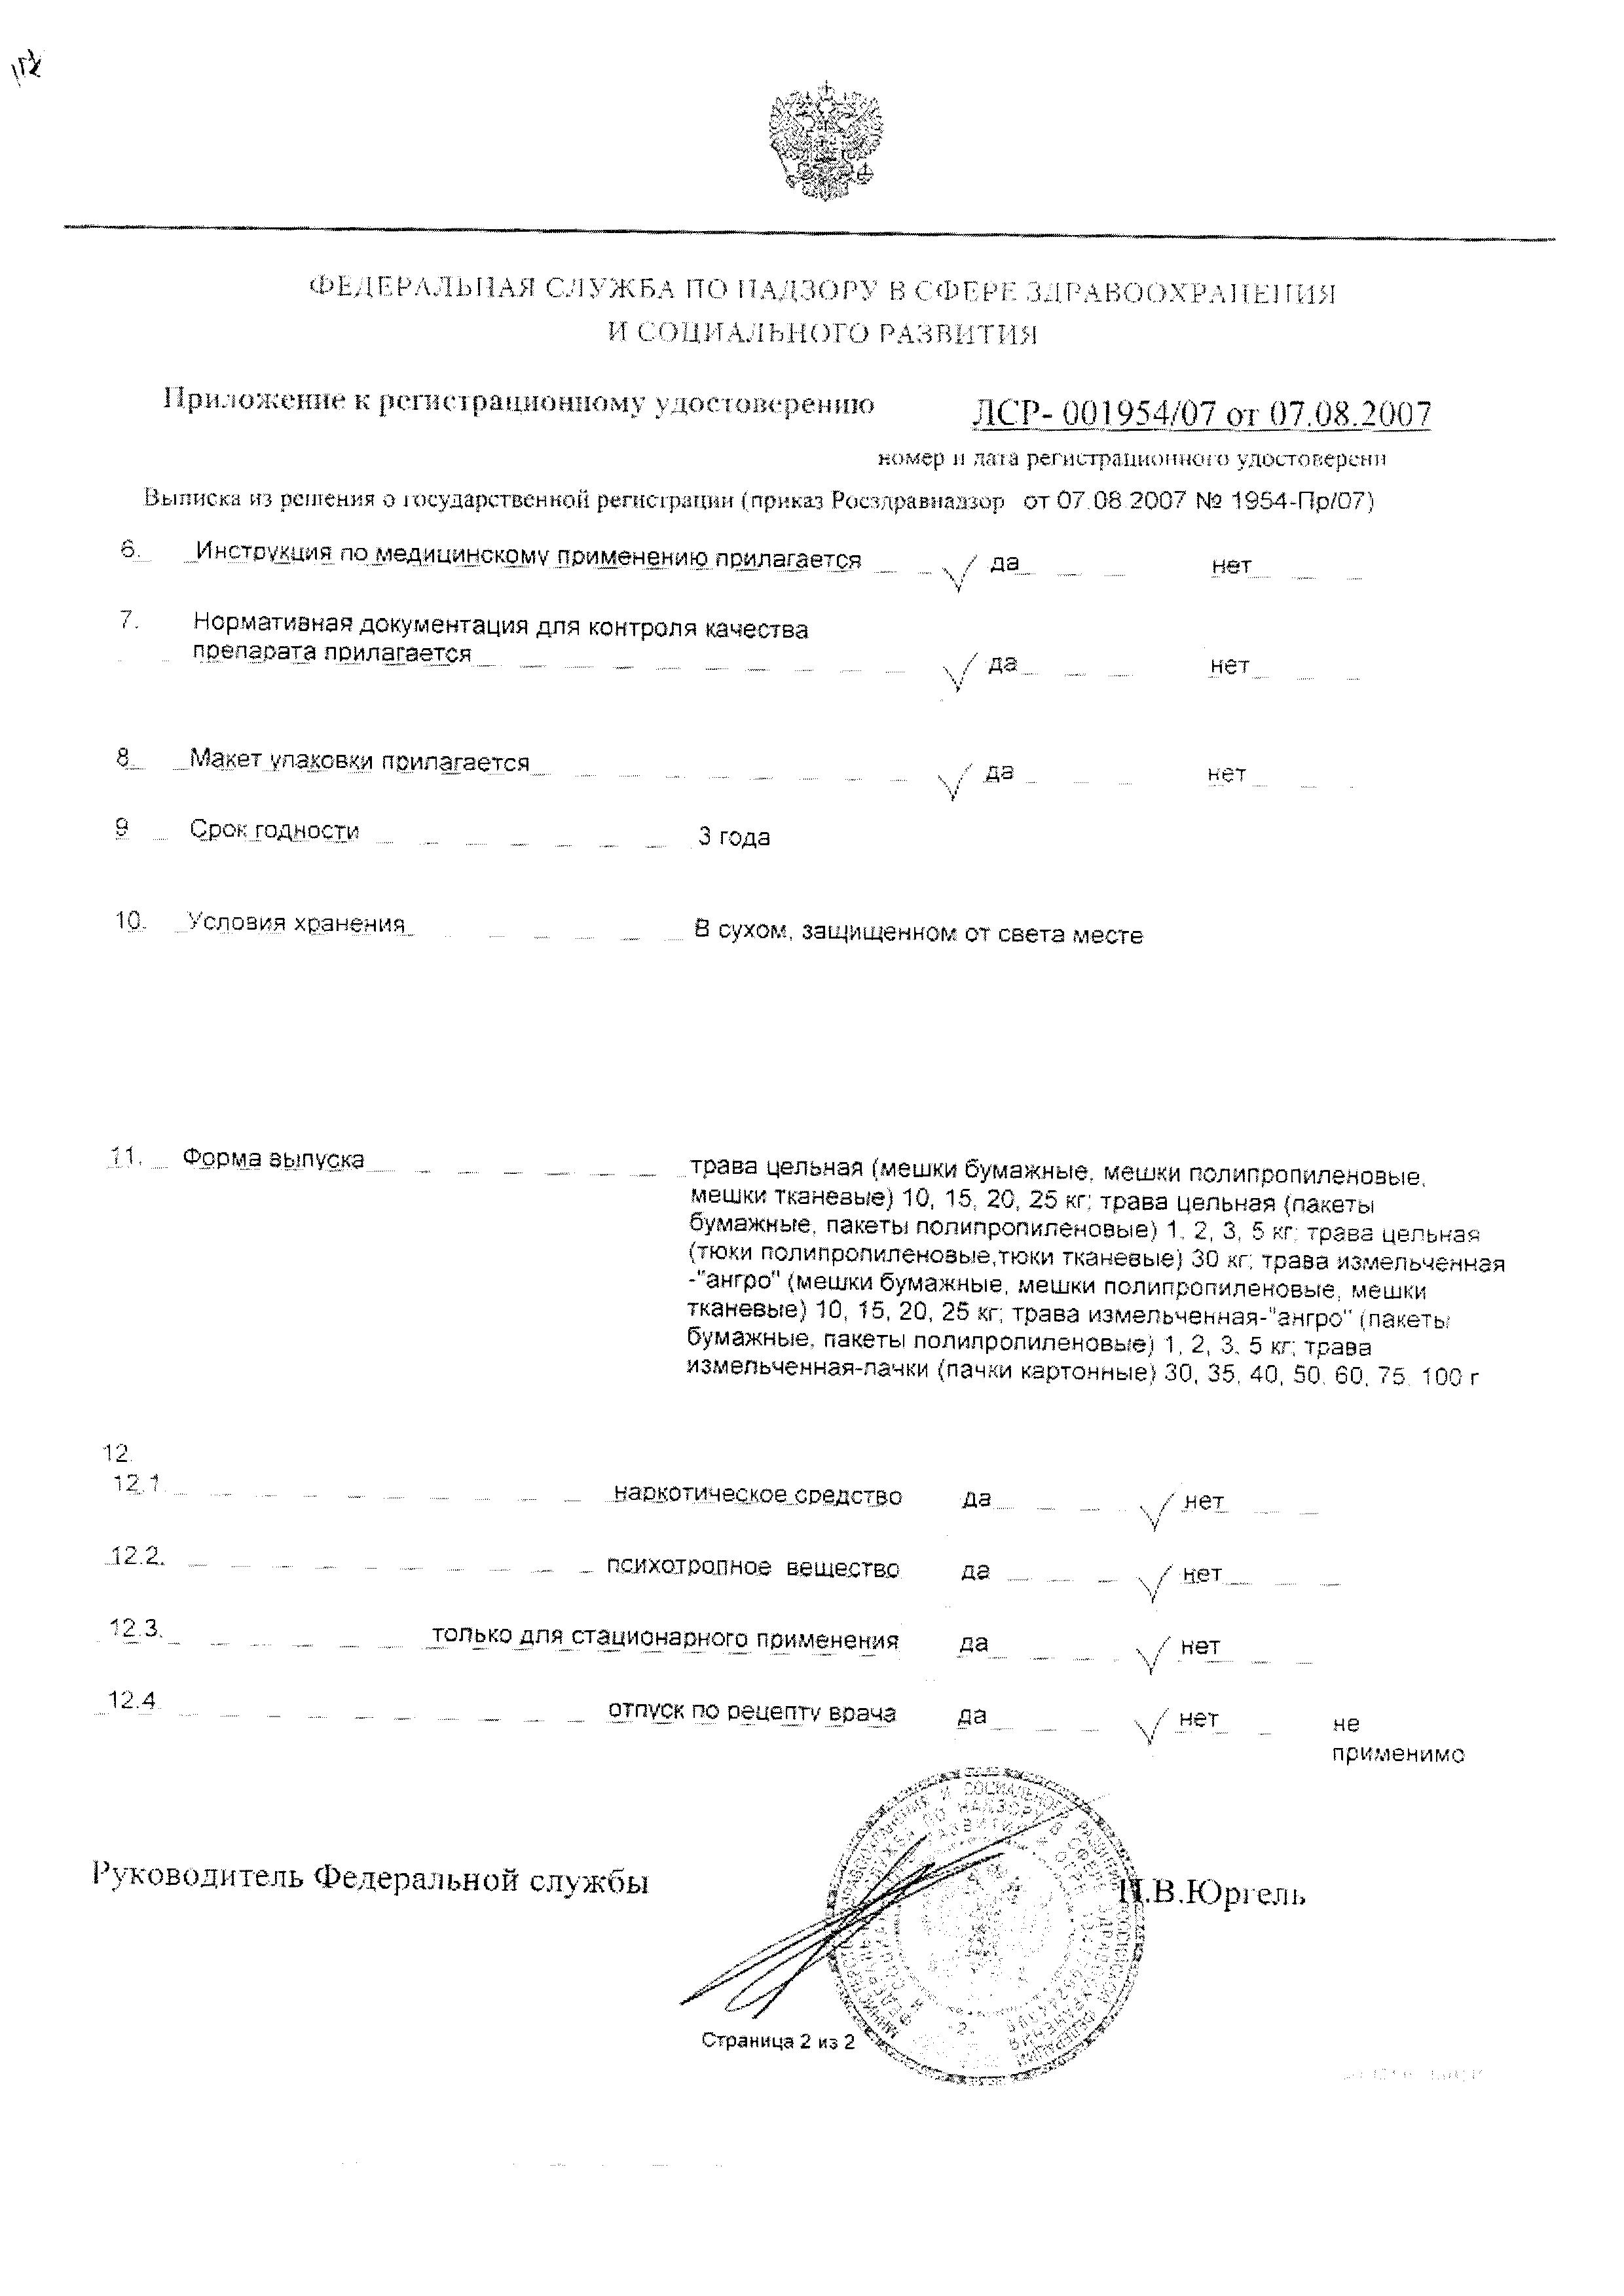 Эрвы шерстистой трава сертификат